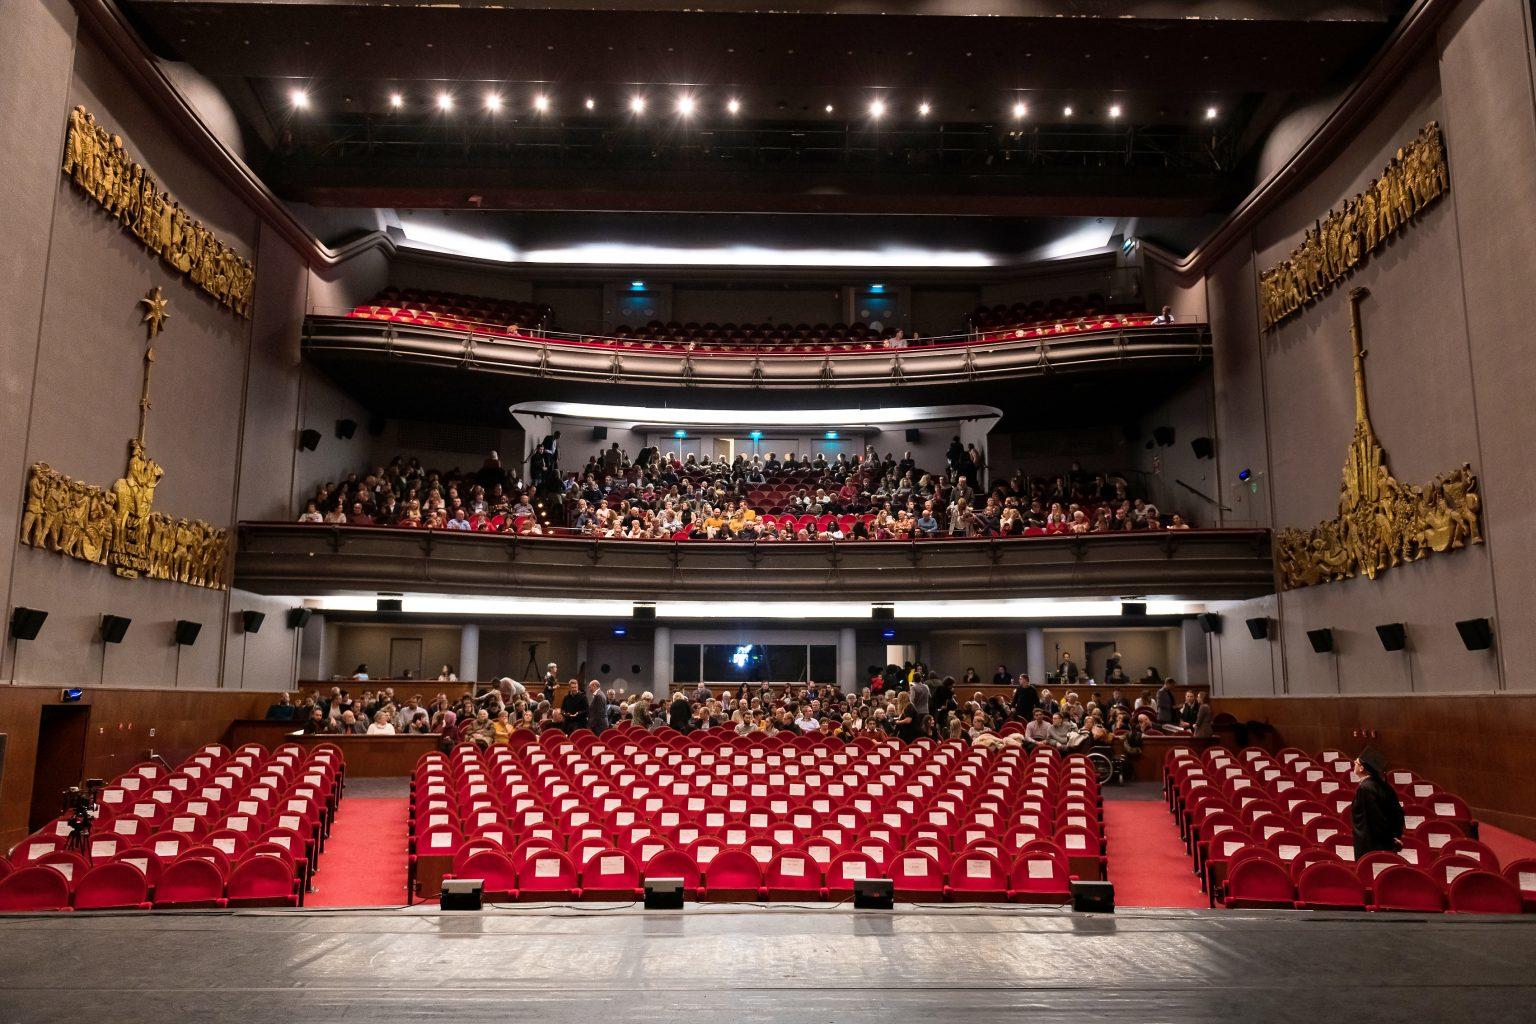 Théâtre Royal de Mons, remise de diplômes de la proclamation 2018-2019 de la FUCaM, par Aurore Delsoir Photographe Corporate